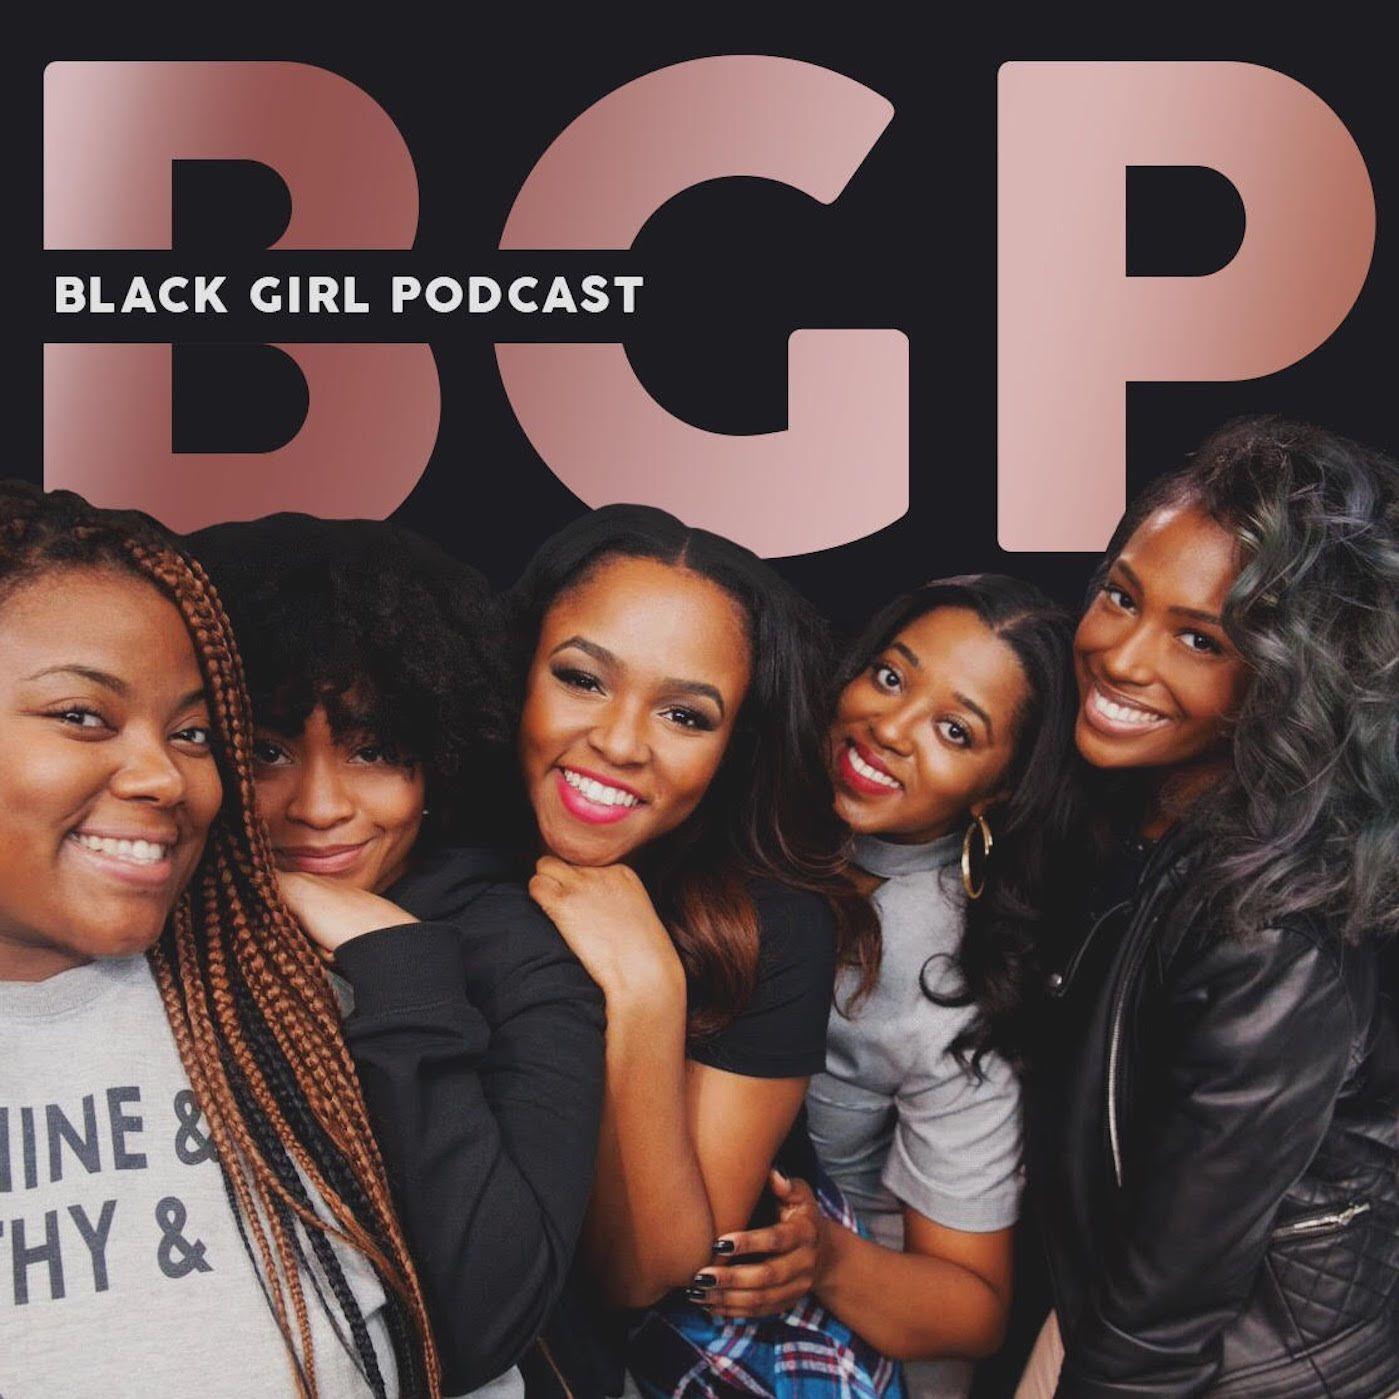 Black Girl Podcast | Podbay